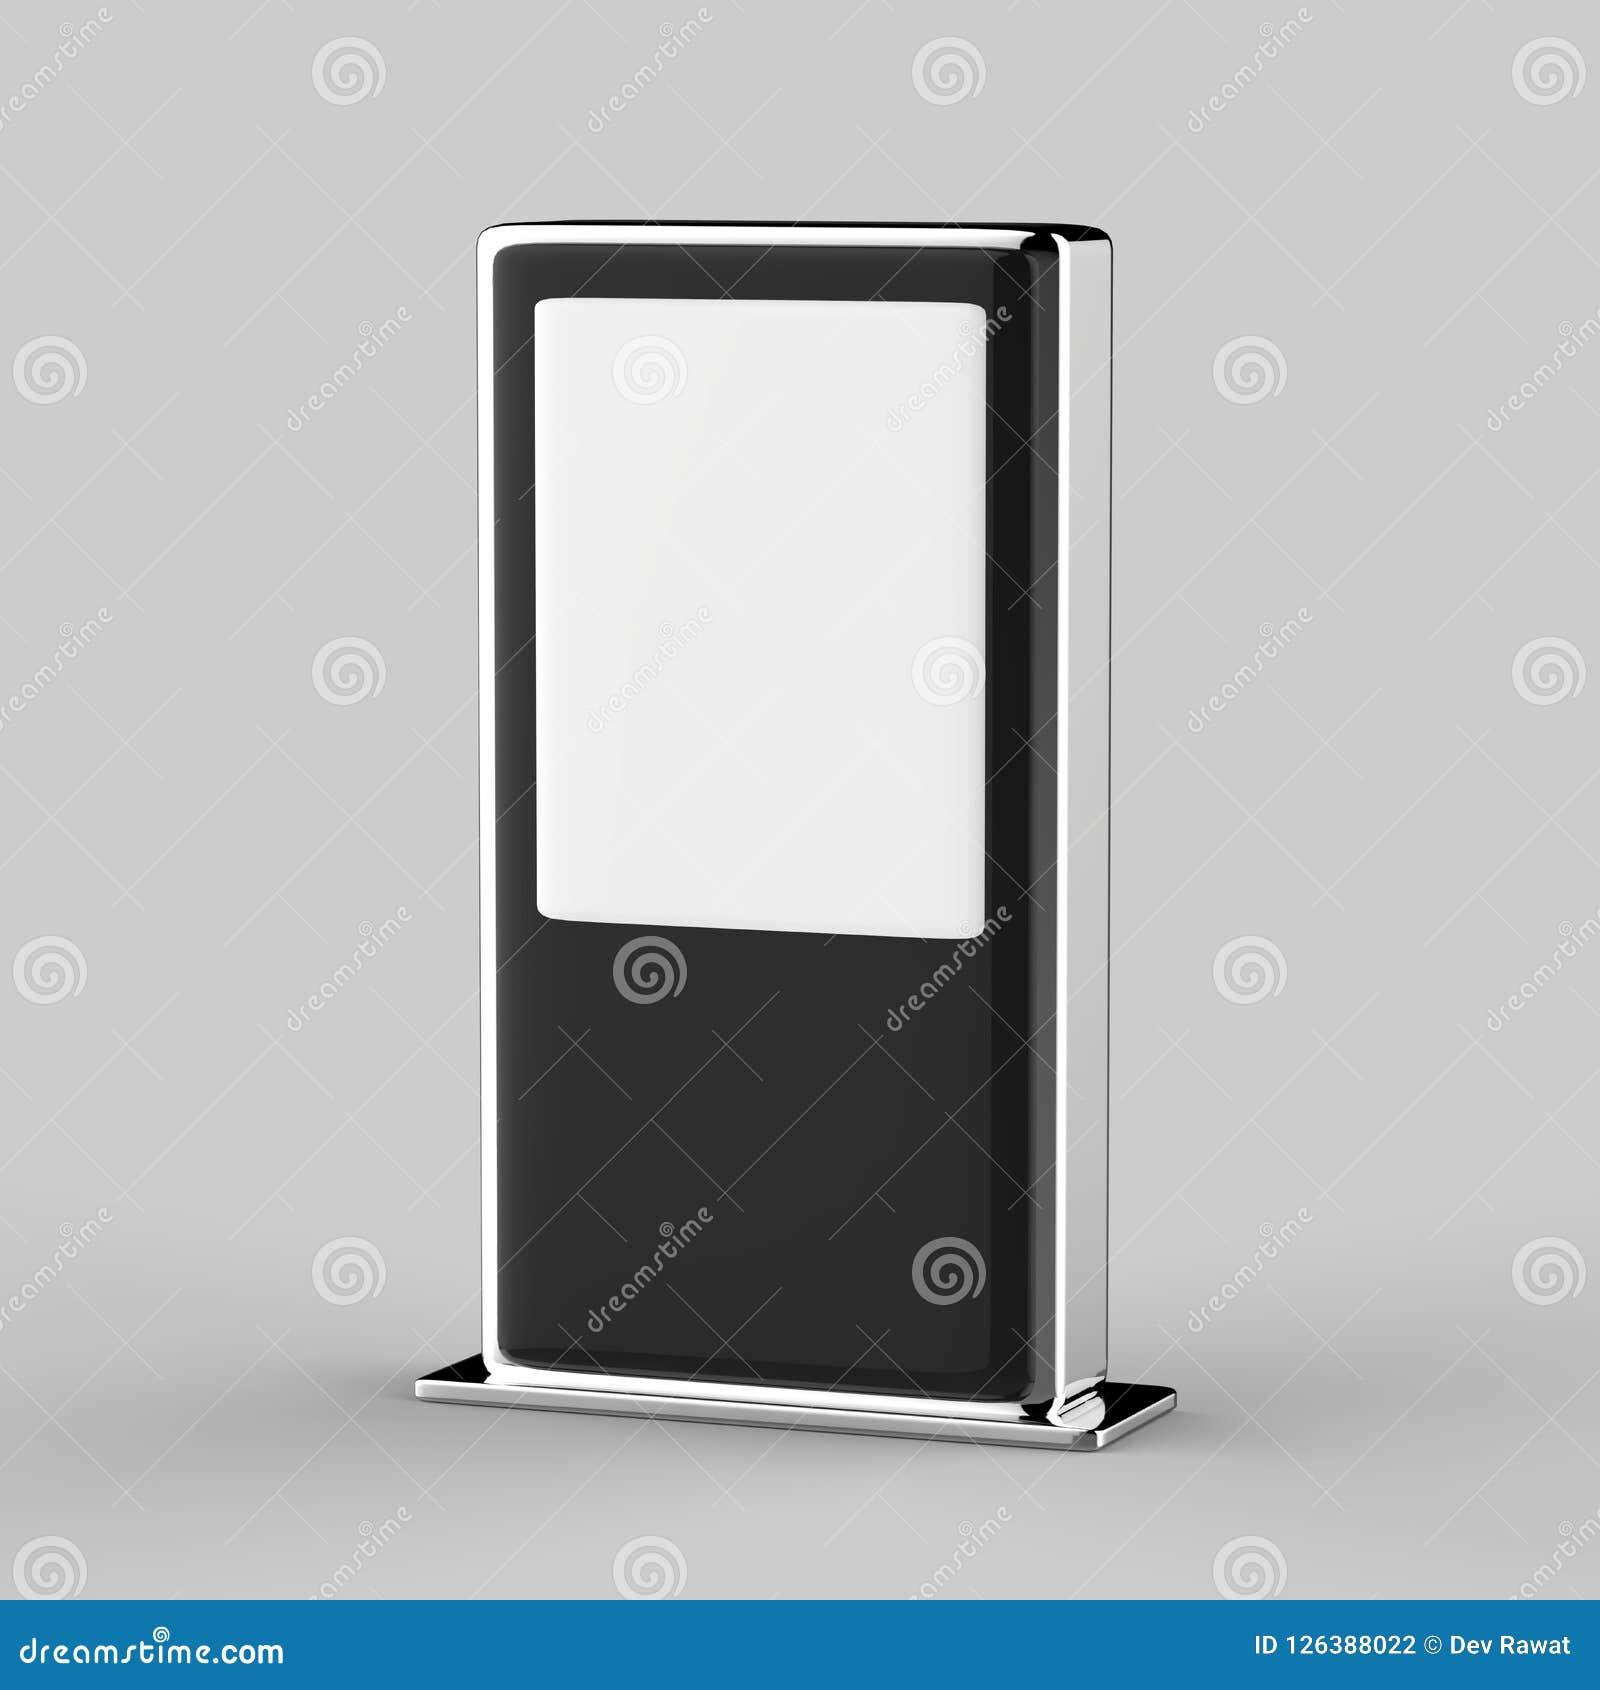 Monitor digitale di tocco dell esposizione del contrassegno della multi di tocco della rete di WiFi del pavimento esposizione LCD